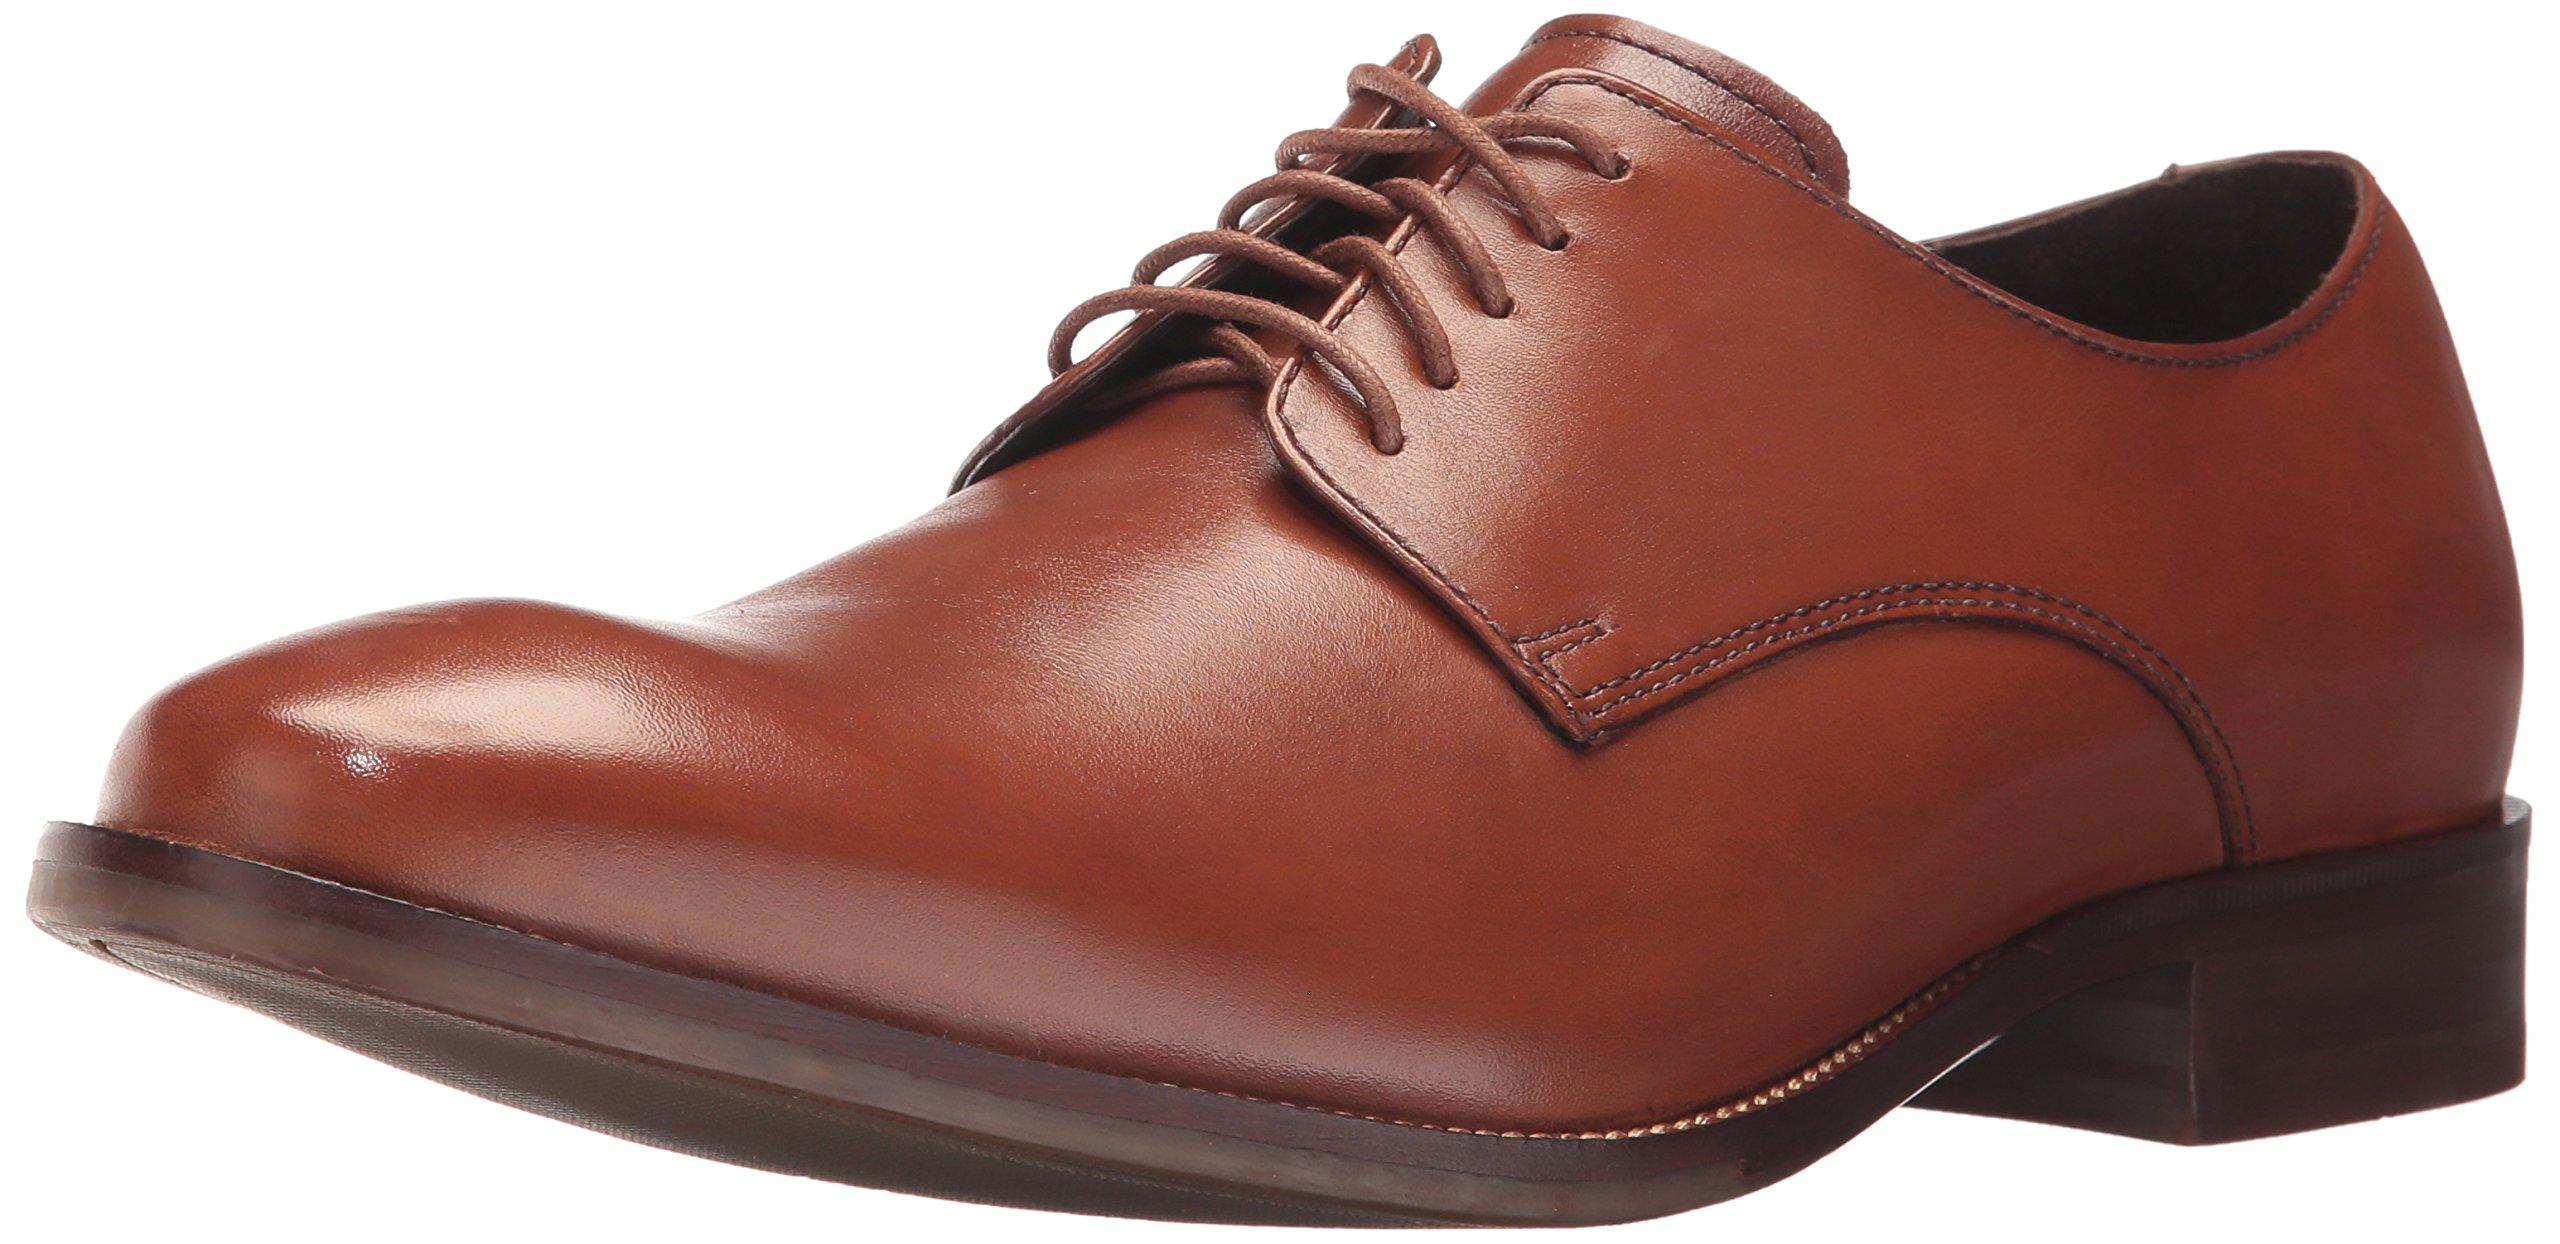 Cole Haan Men's Williams Plain II Oxford, British tan, 10.5 Medium US